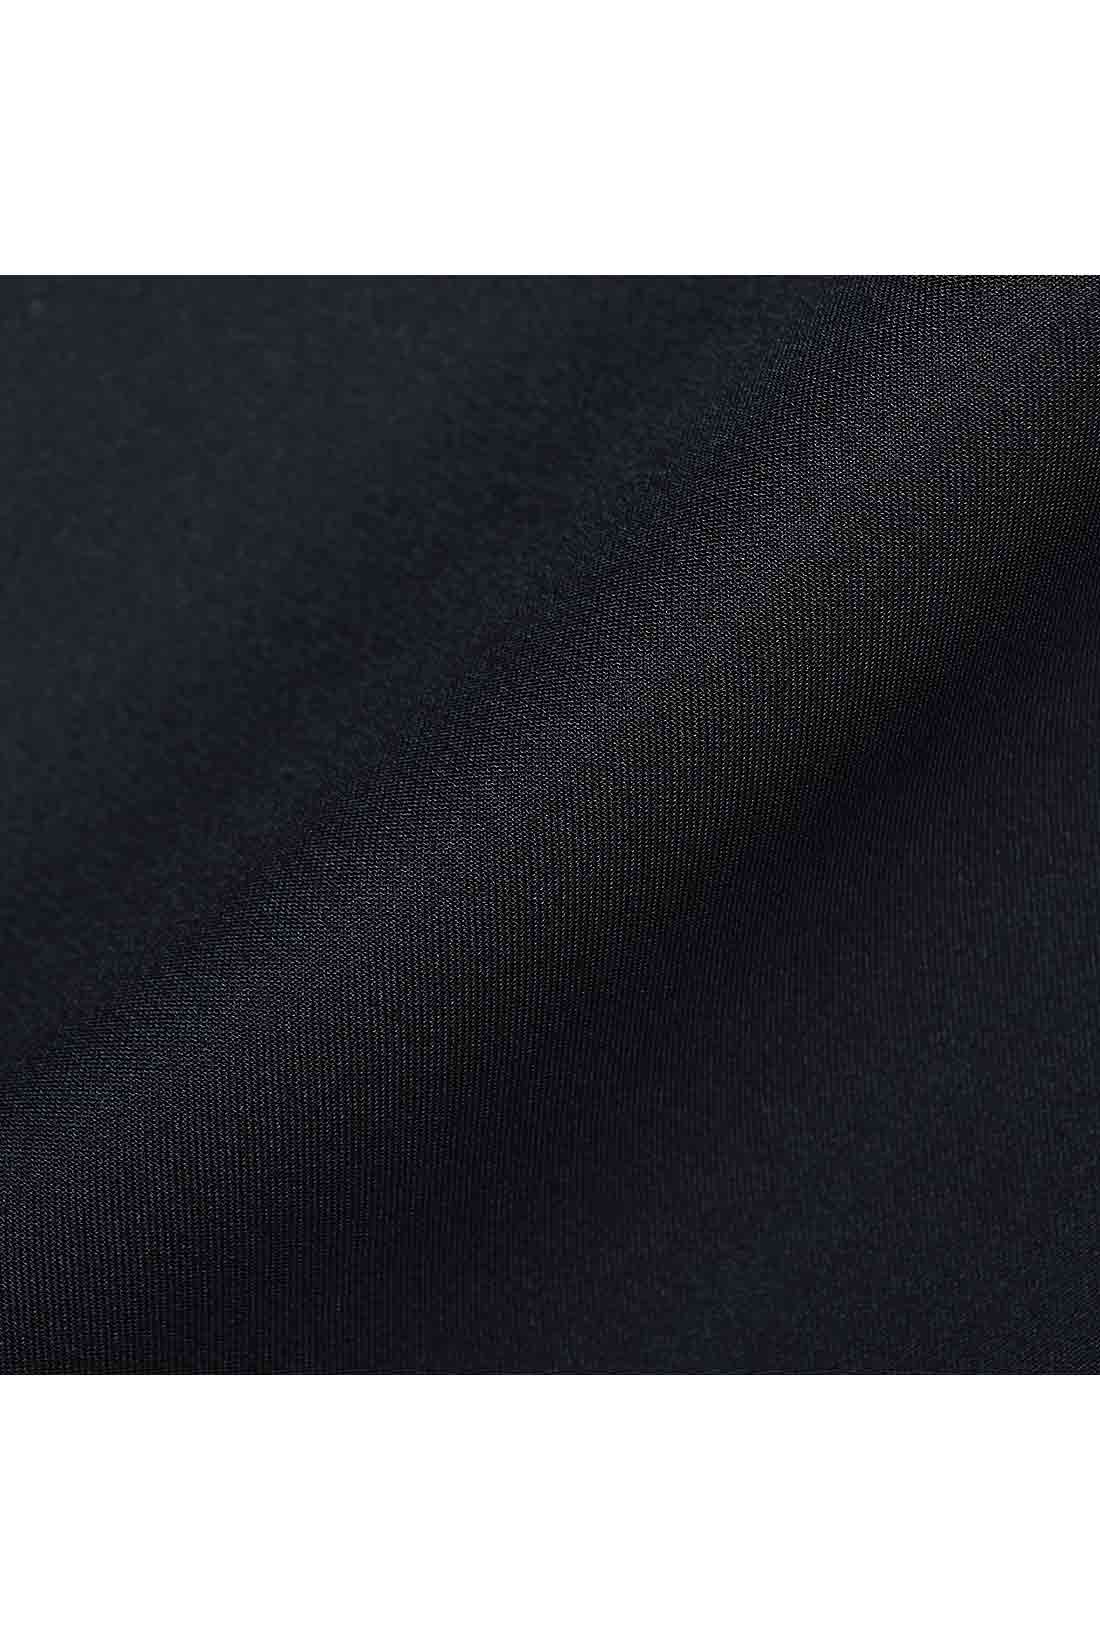 付属のスカートはドレープがきれいに映える光沢素材。異素材のコントラストもきれい。